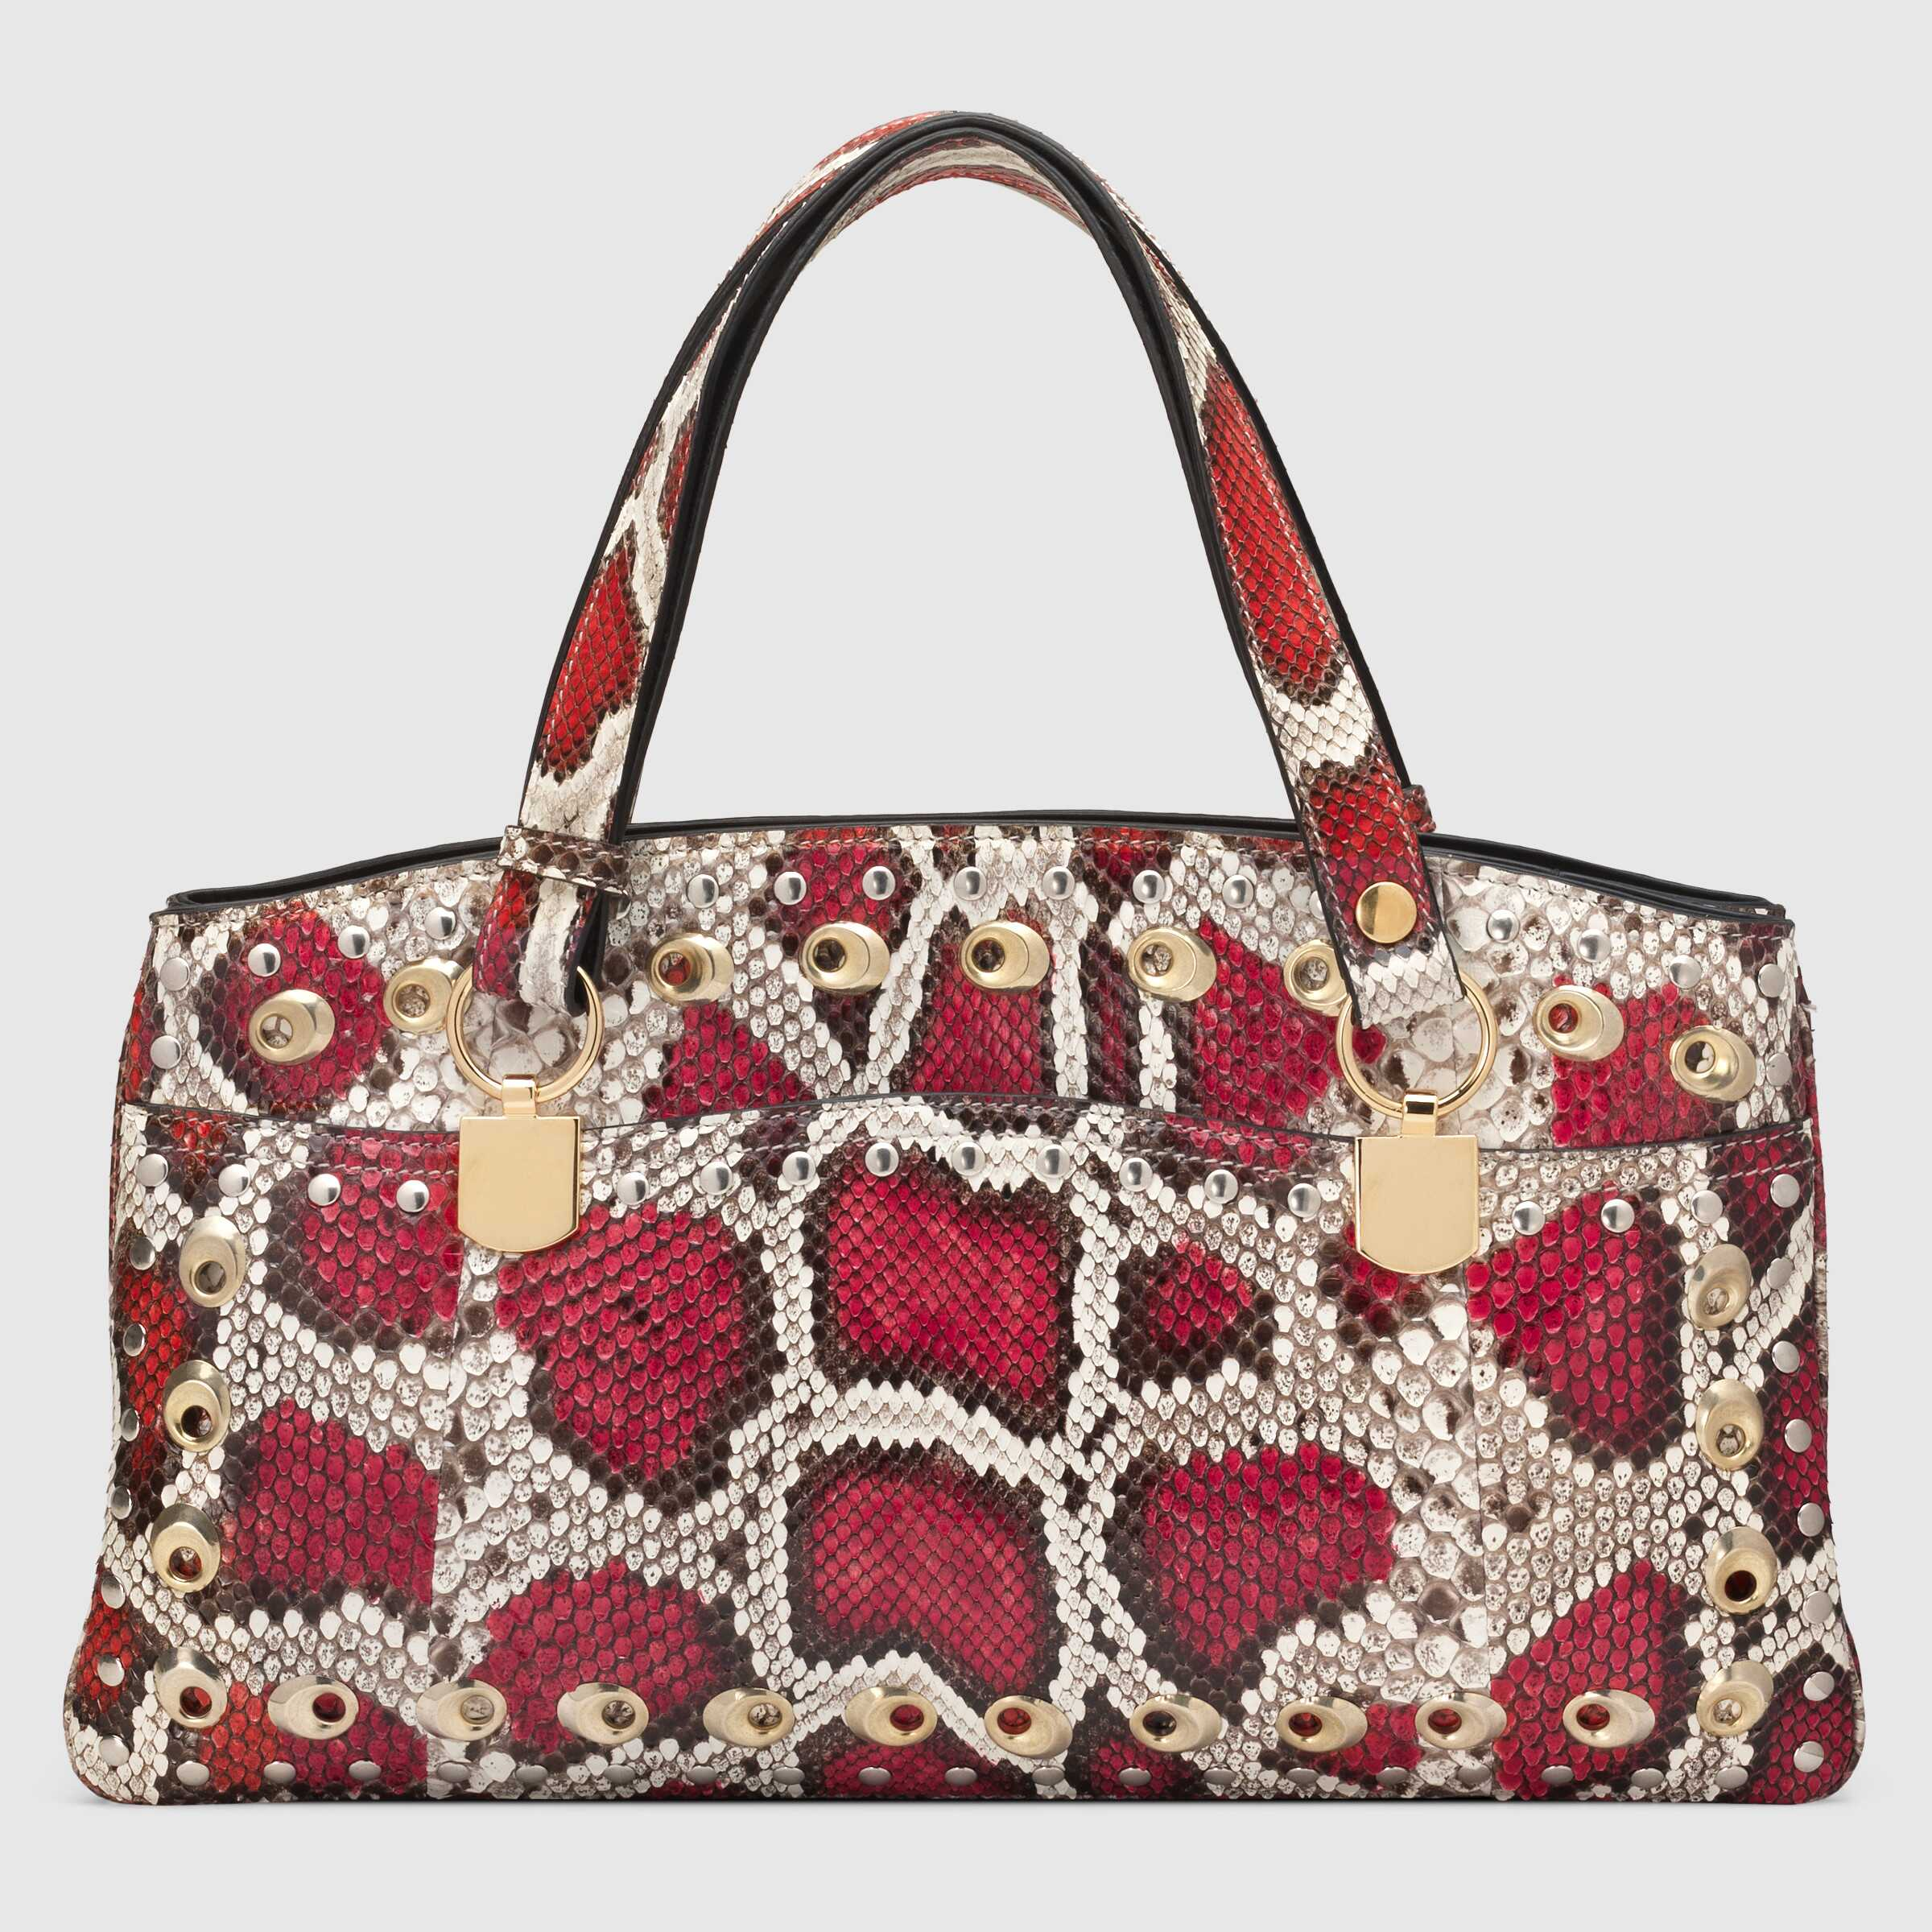 유럽직배송 구찌 GUCCI Arli large python top handle bag 550130LXOCX9048